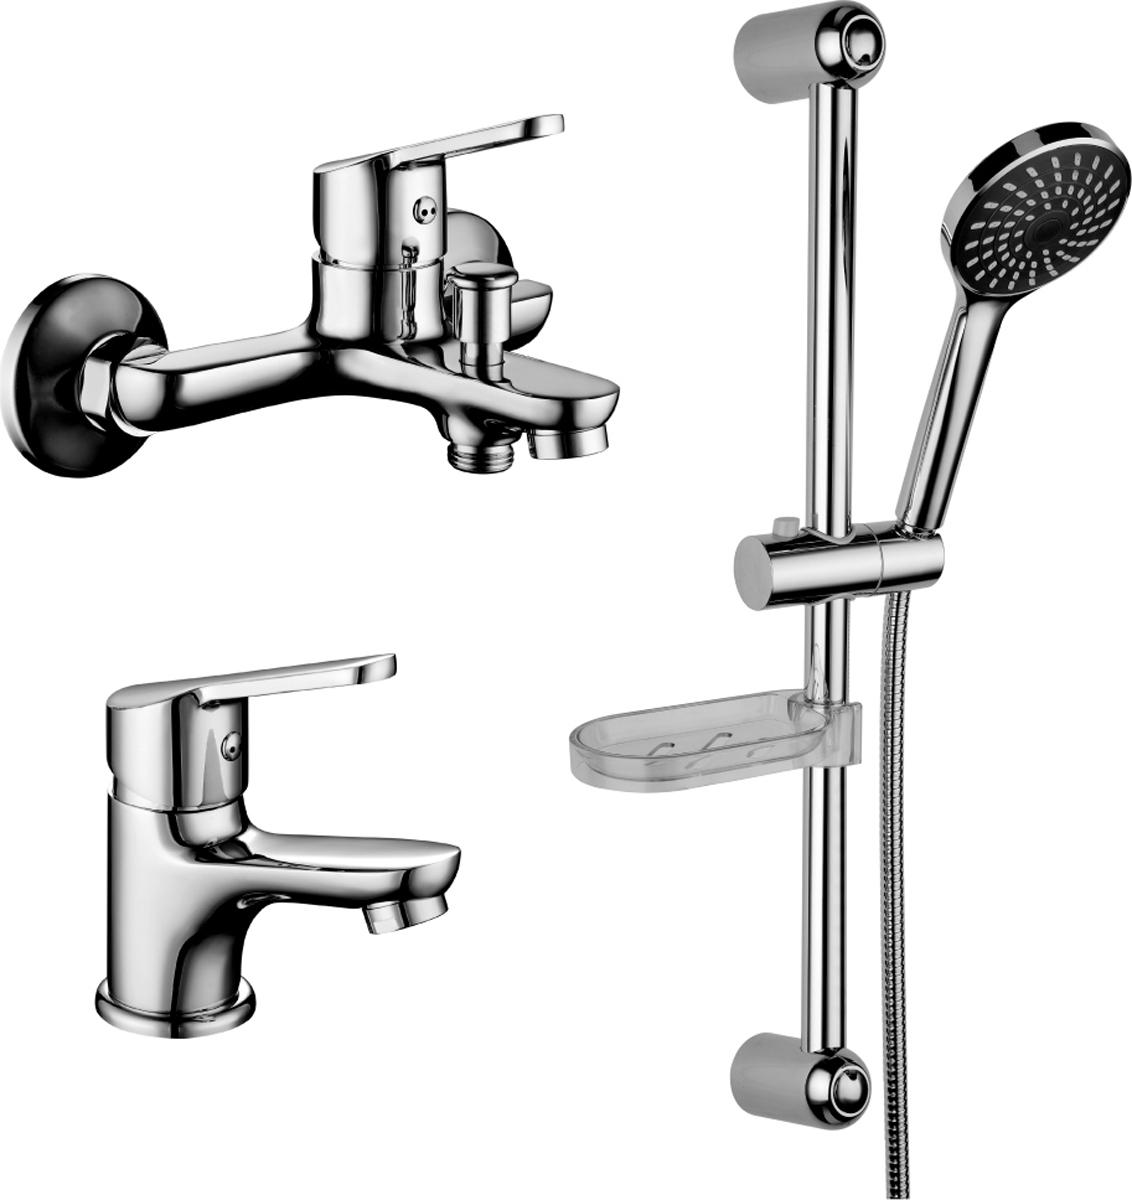 Комплект смесителей Lemark Set, для ванной, 3 в 1LM7301CLM7301C.Комплект смесителей «3 в 1»:Смеситель для умывальника монолитный.• аэратор• керамический картридж 35 мм• гибкая подводка 1/2 35 см• металлическая рукояткаСмеситель для ванны с монолитным изливом.• аэратор• керамический картридж 35 мм• кнопочный переключатель с функцией ручной фиксации• металлическая рукояткаДушевой гарнитур.• стойка для душа. Высота – 595 мм• 1-функциональная лейка O98 мм. Режим: распыление• регулируемое по высоте крепление для лейки• душевой шланг 1,5 м (стальной, оплетка с двойным загибом)• регулируемая по высоте мыльницаСмесители LEMARK рассчитаны на 30 лет комфортной эксплуатации.В них соединены современные технологии производства и продуманный конструктив. Установлены комплектующие от известных мировых производителей, являющихся лидерами в своих сегментах:• немецкие аэраторы Neoperl – устройства, регулирующие расход воды;• керамические картриджи и кран-буксы испанской фирмы Sedal.Вся продукция LEMARK устанавливается не только в частном секторе, но и с успехом эксплуатируется в офисах Hewlett-Packard, Walt Disney Studios Sony Pictures Releasing, Mail.ru Group, а также в новом терминале аэропорта «Толмачево» в Новосибирске.Сегодня на смесители LEMARK установлен беспрецедентный 10-летний период бесплатного сервисного обслуживания. Данное условие действует, даже если монтаж изделий производится покупателями cамостоятельно.Сервисная сеть насчитывает 90 гарантийных мастерских по России и странам СНГ.